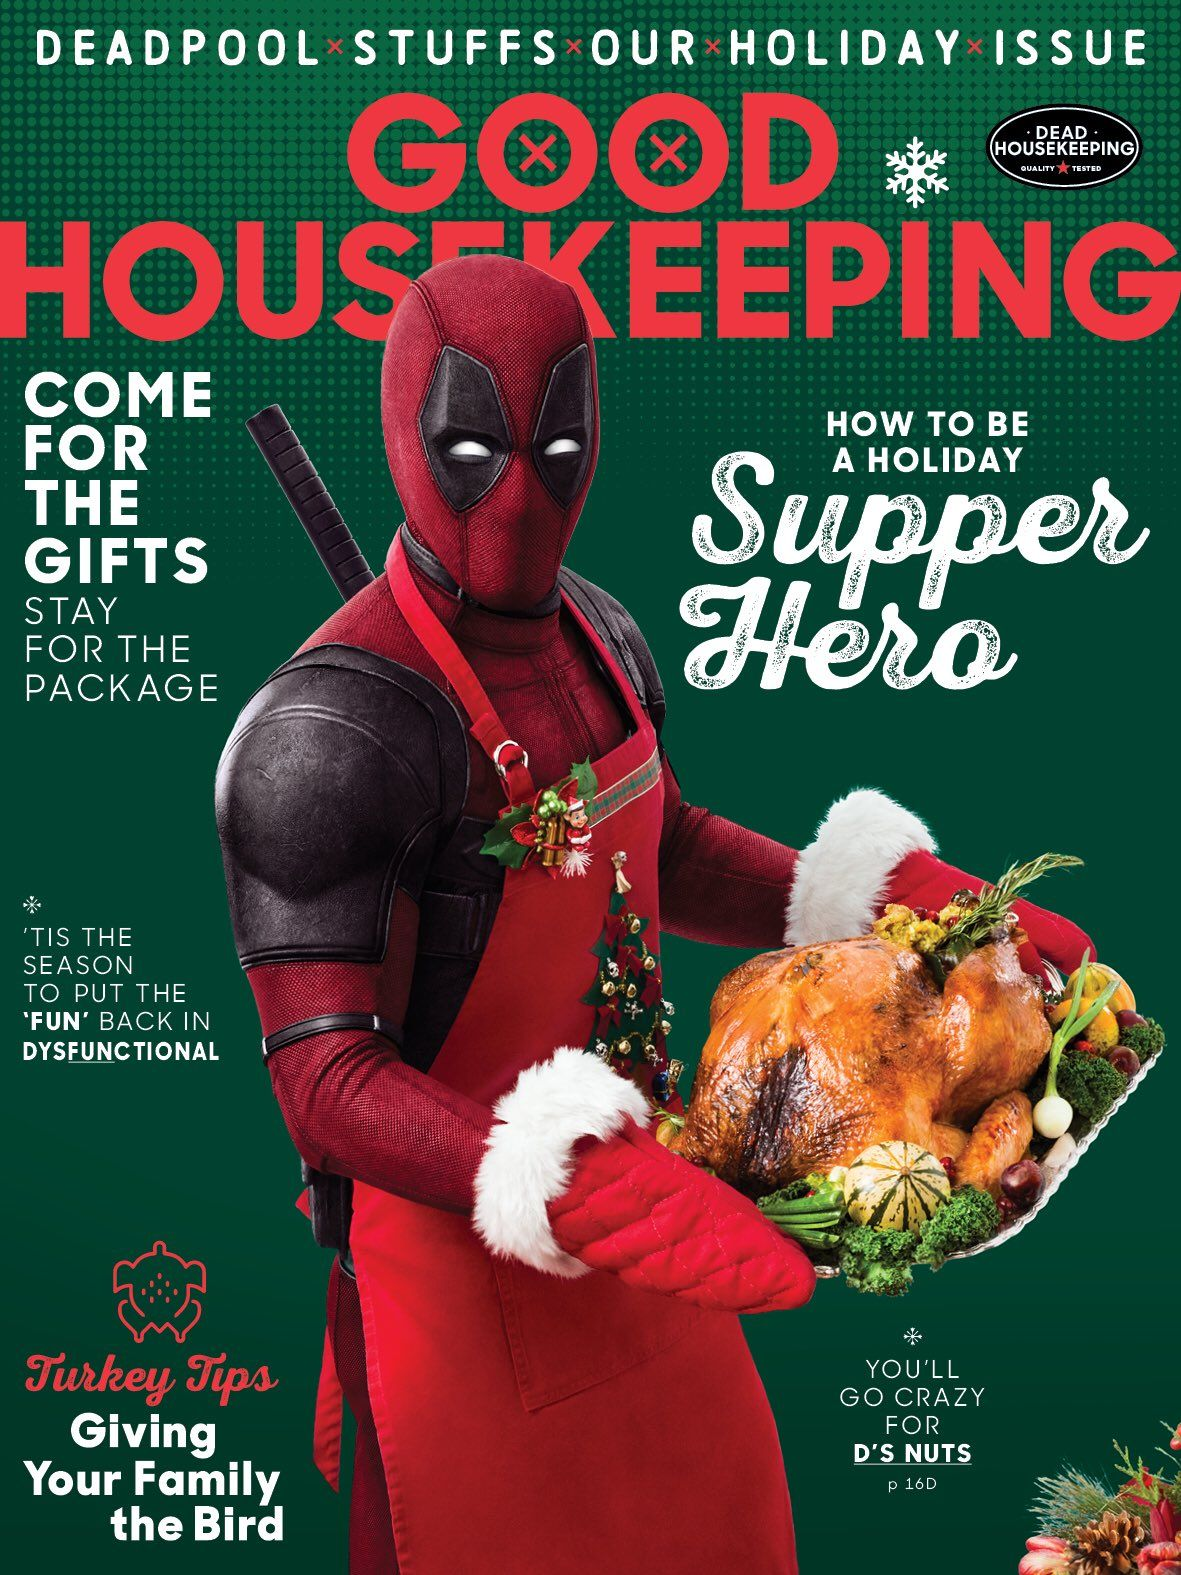 Good housekeeping thanksgiving